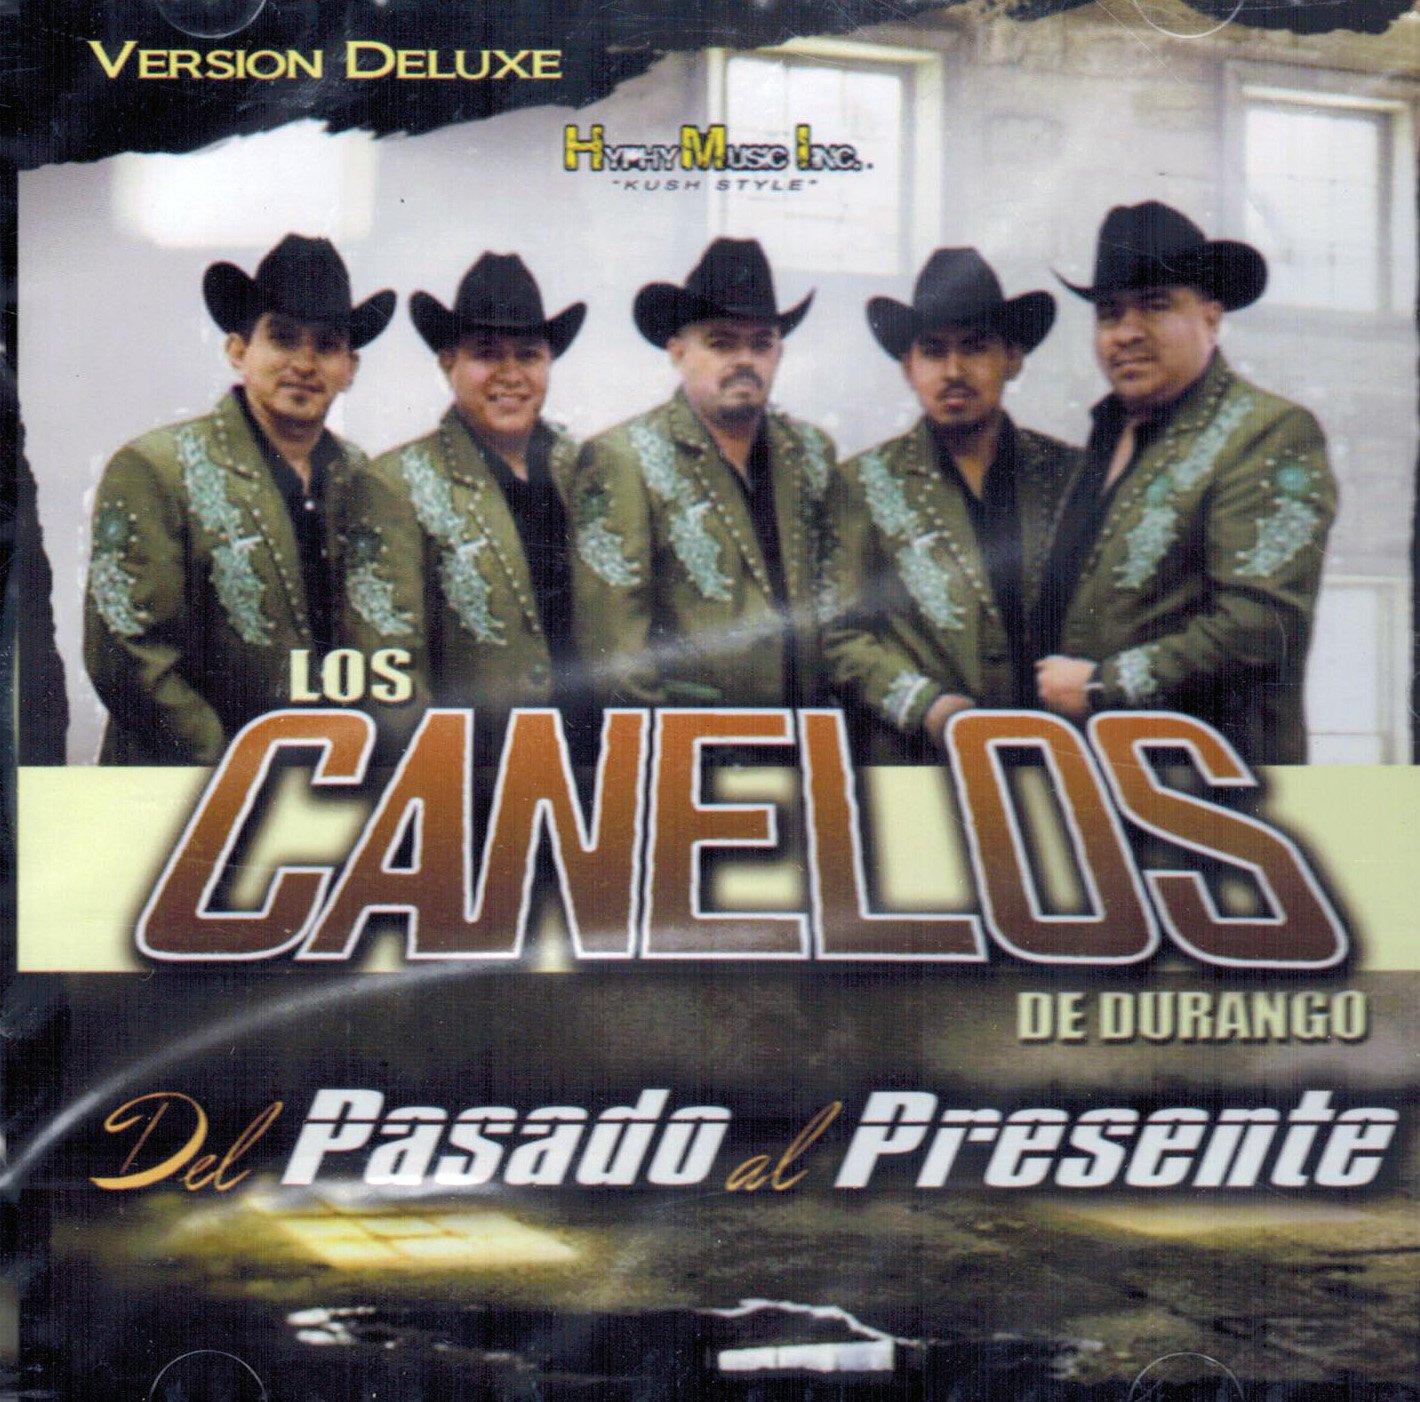 Los Canelos de Durango (Del Pasado al Presente Version Deluxe 2015)